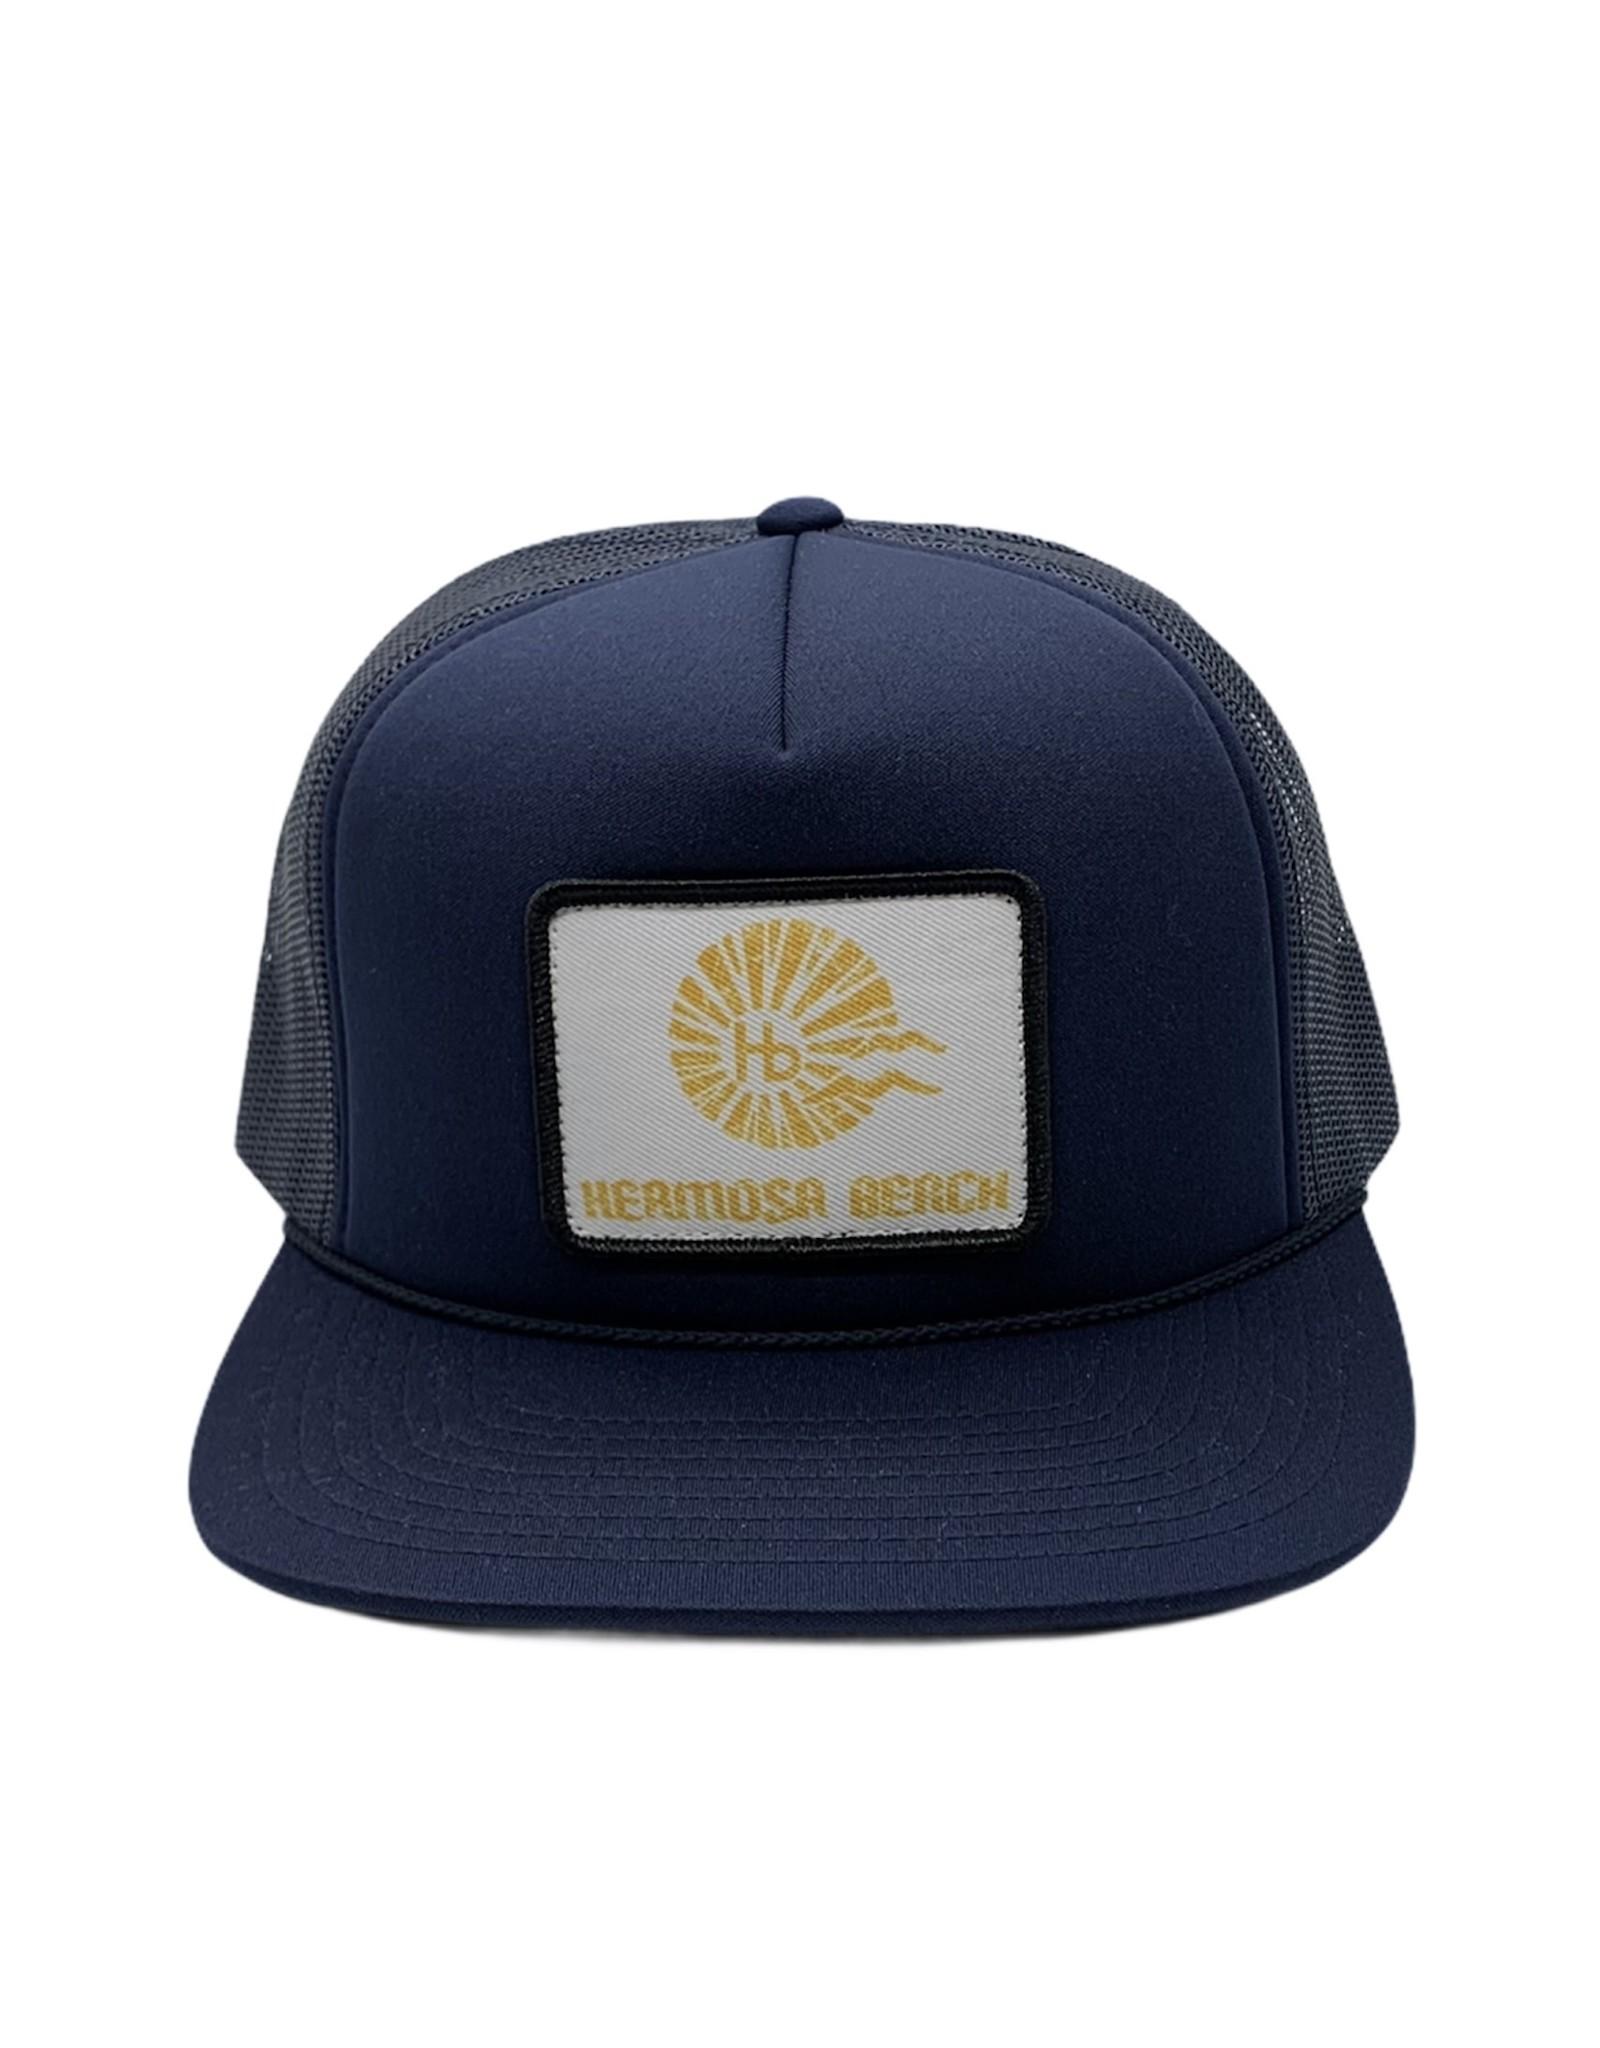 Captuer Headwear #D HB Sunrise Patch FOAM Hat  NAVY